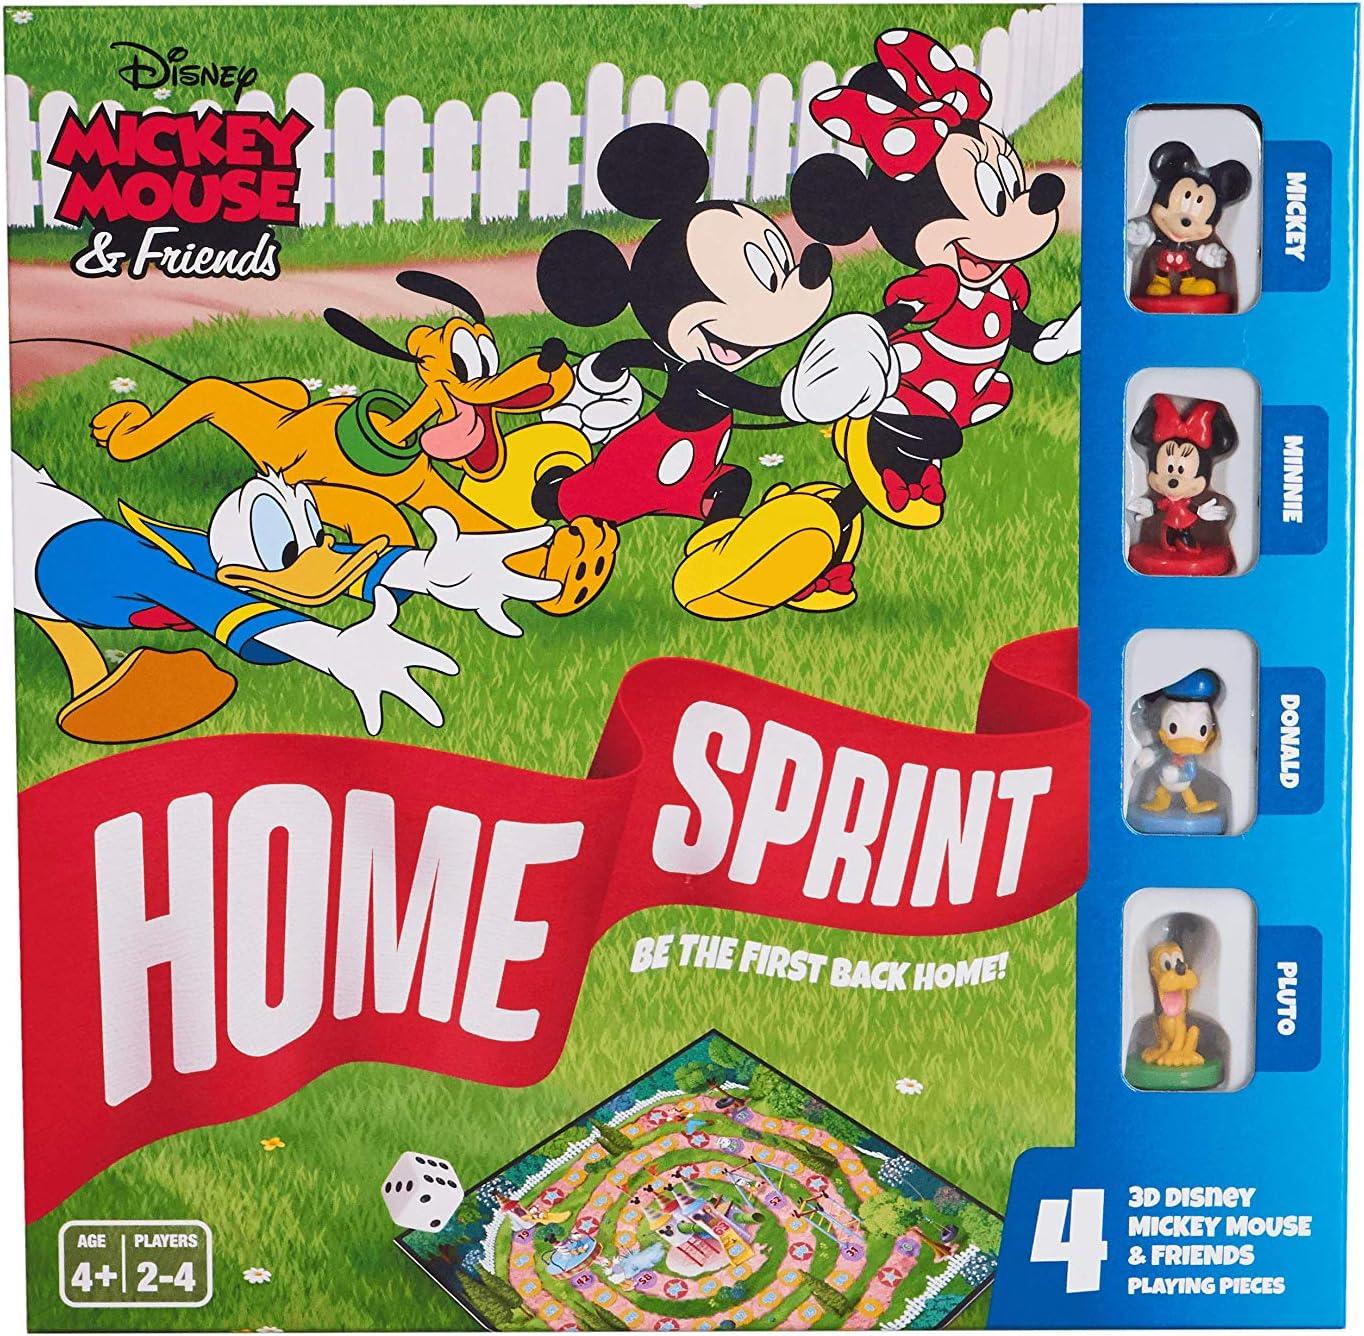 Cartamundi Mickey & Friends Home Sprint Juego de Mesa, Multicolor: Amazon.es: Juguetes y juegos